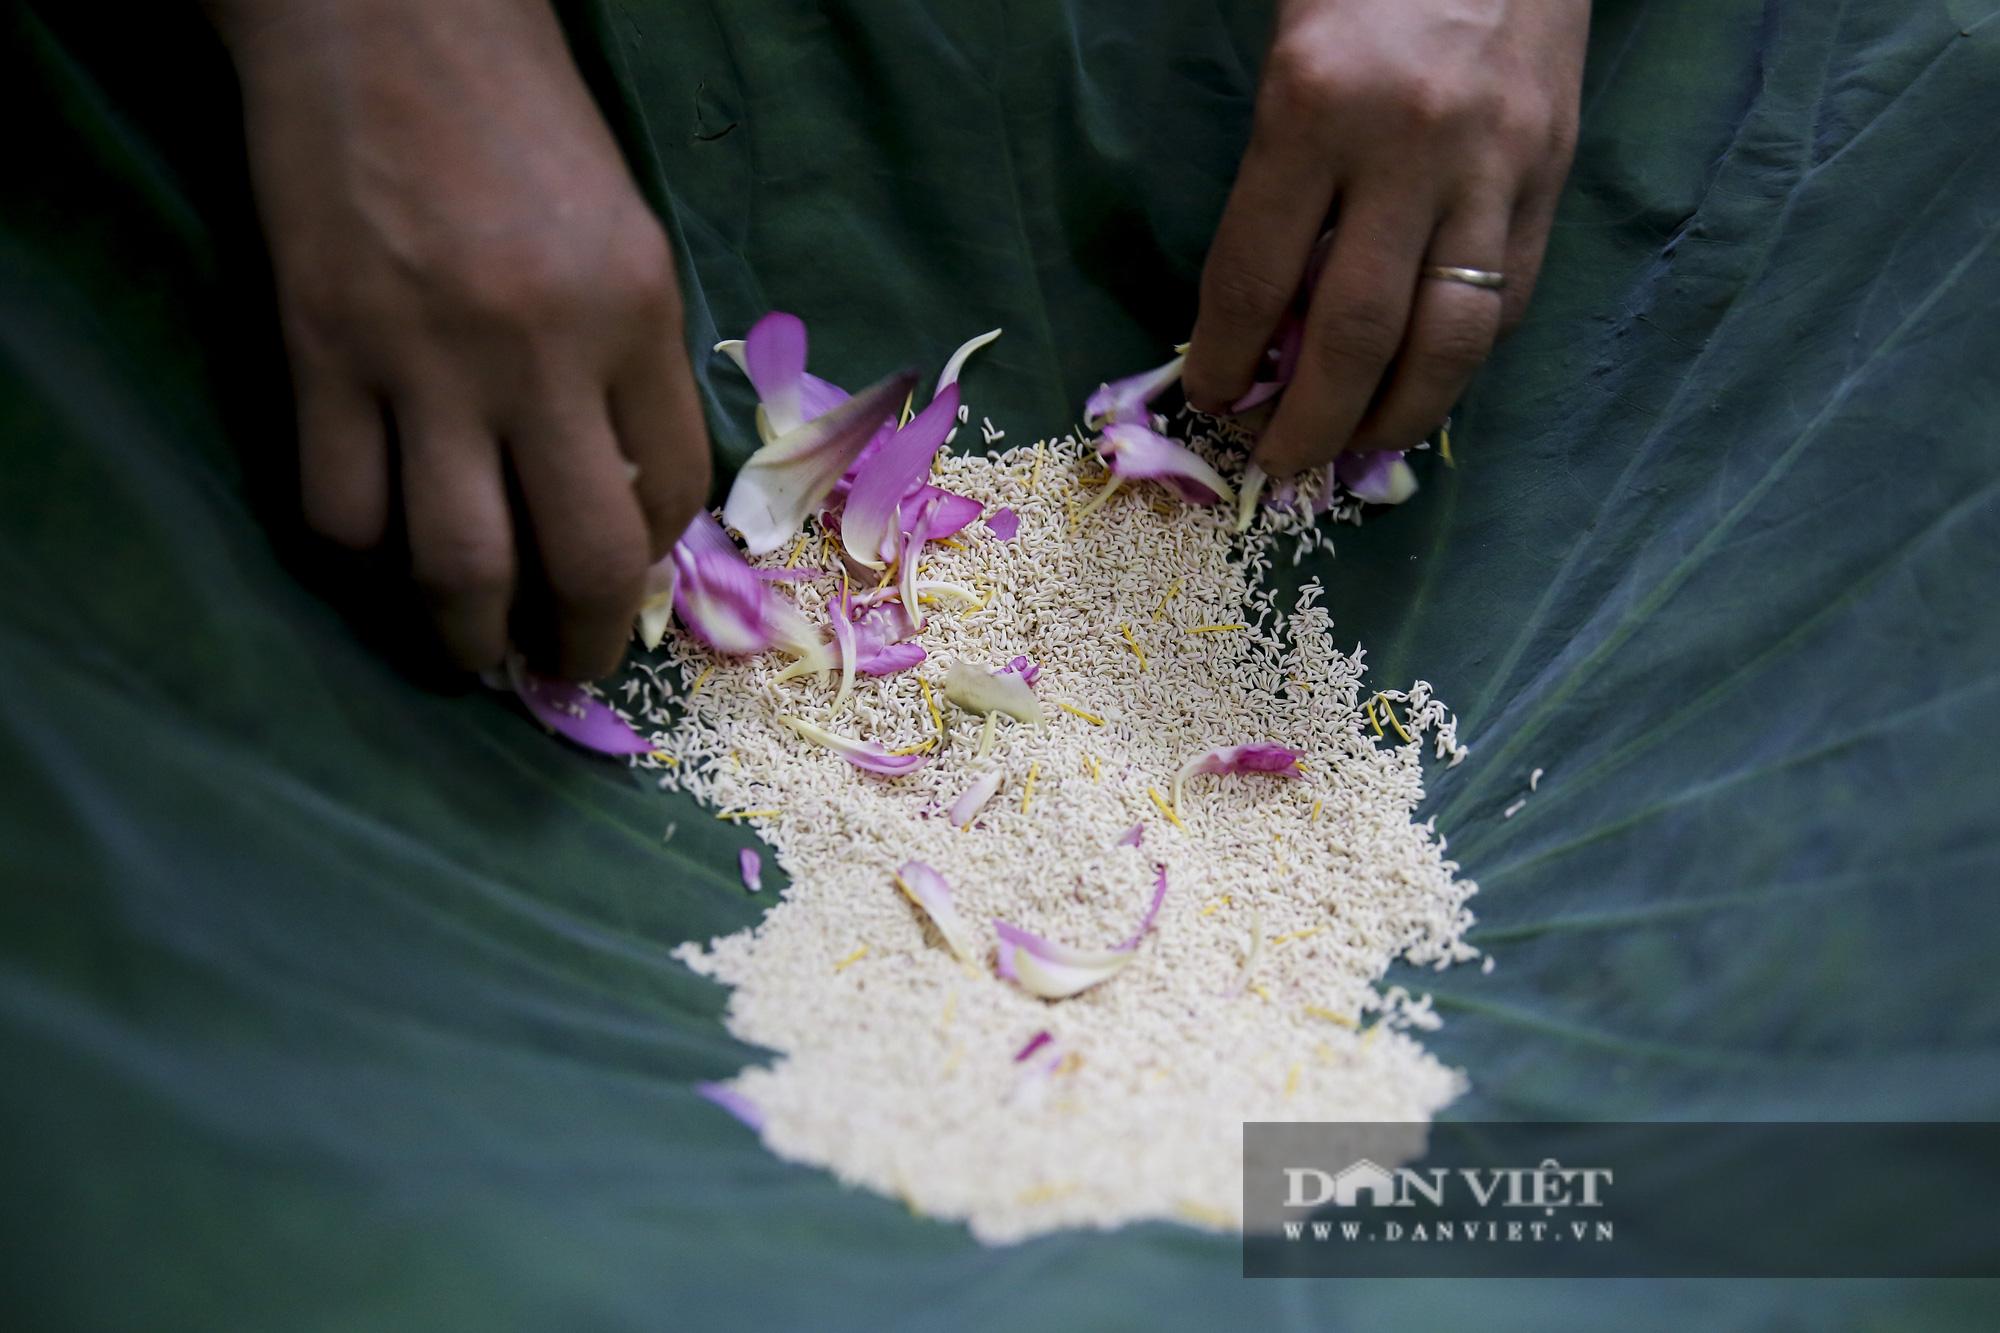 Tận mắt xem quy trình ướp trà sen đắt nhất Việt Nam - Ảnh 6.